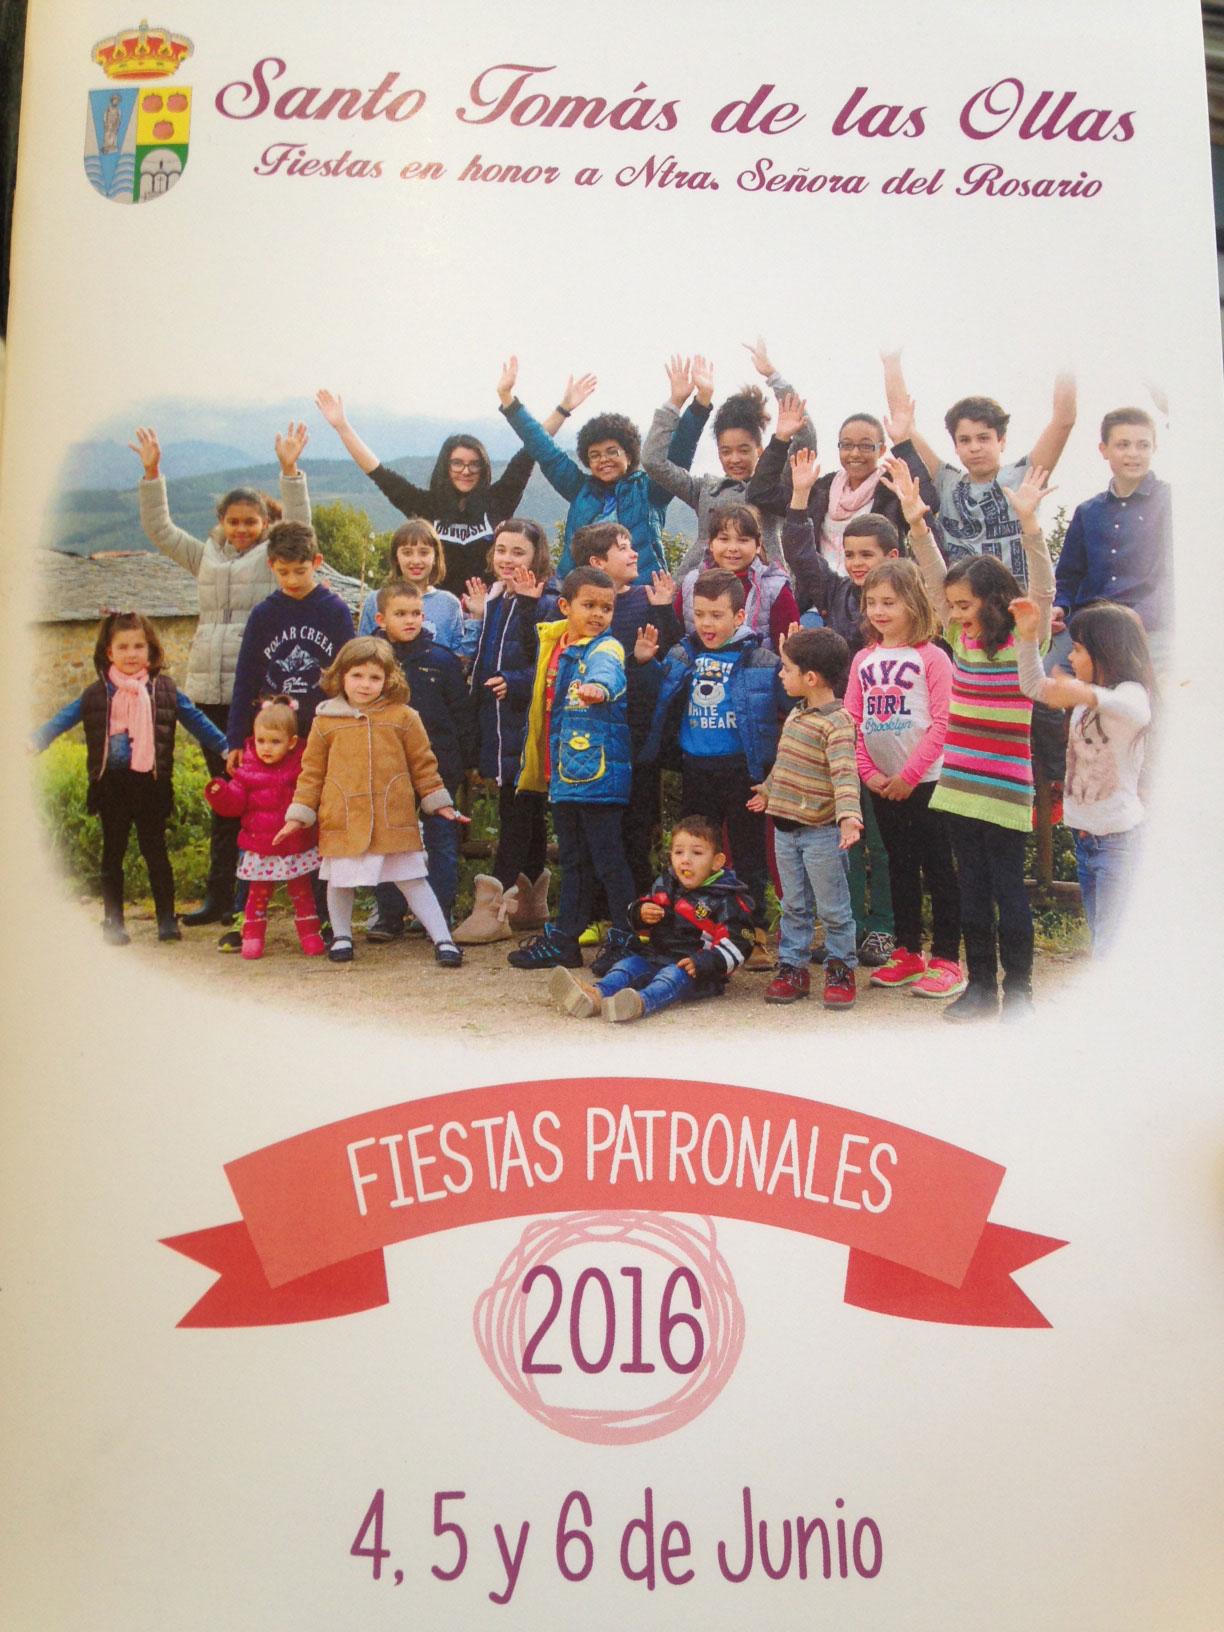 Programa de Fiestas en honor a nuestra señora del Rosario en Santo Tomas de las Ollas 4, 5 y 6 de junio. 8